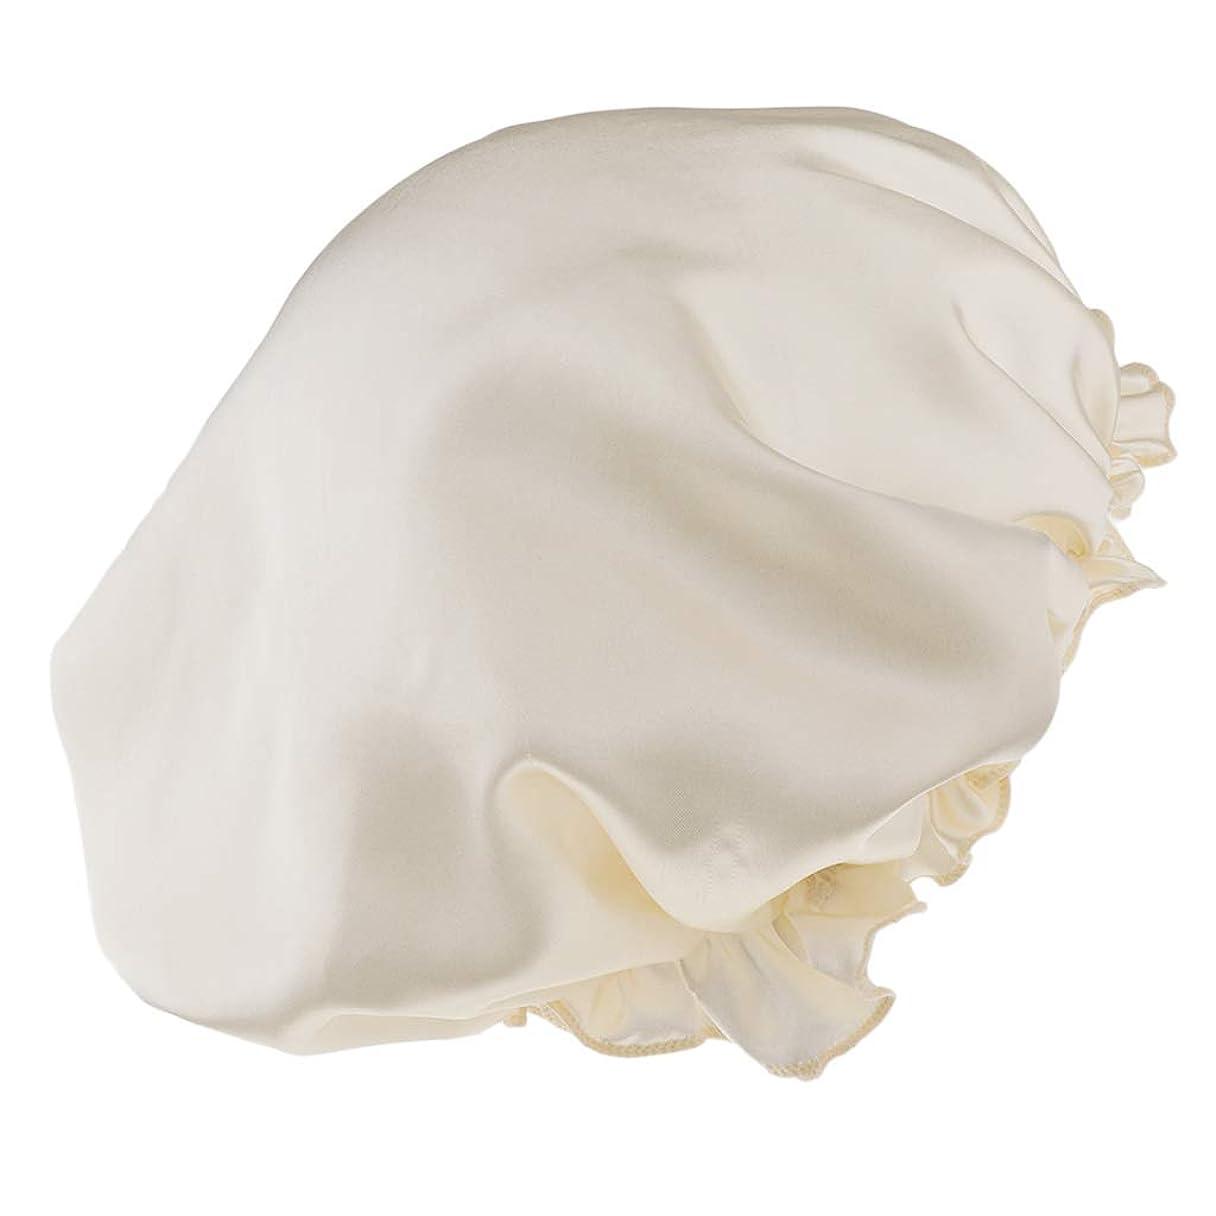 クライマックス誤解させるペットSM SunniMix シャワーキャップ 入浴キャップ 美容 キャップ 帽子 ヘッドカバー 滑らかい シルクサテン 全8色 - ベージュ